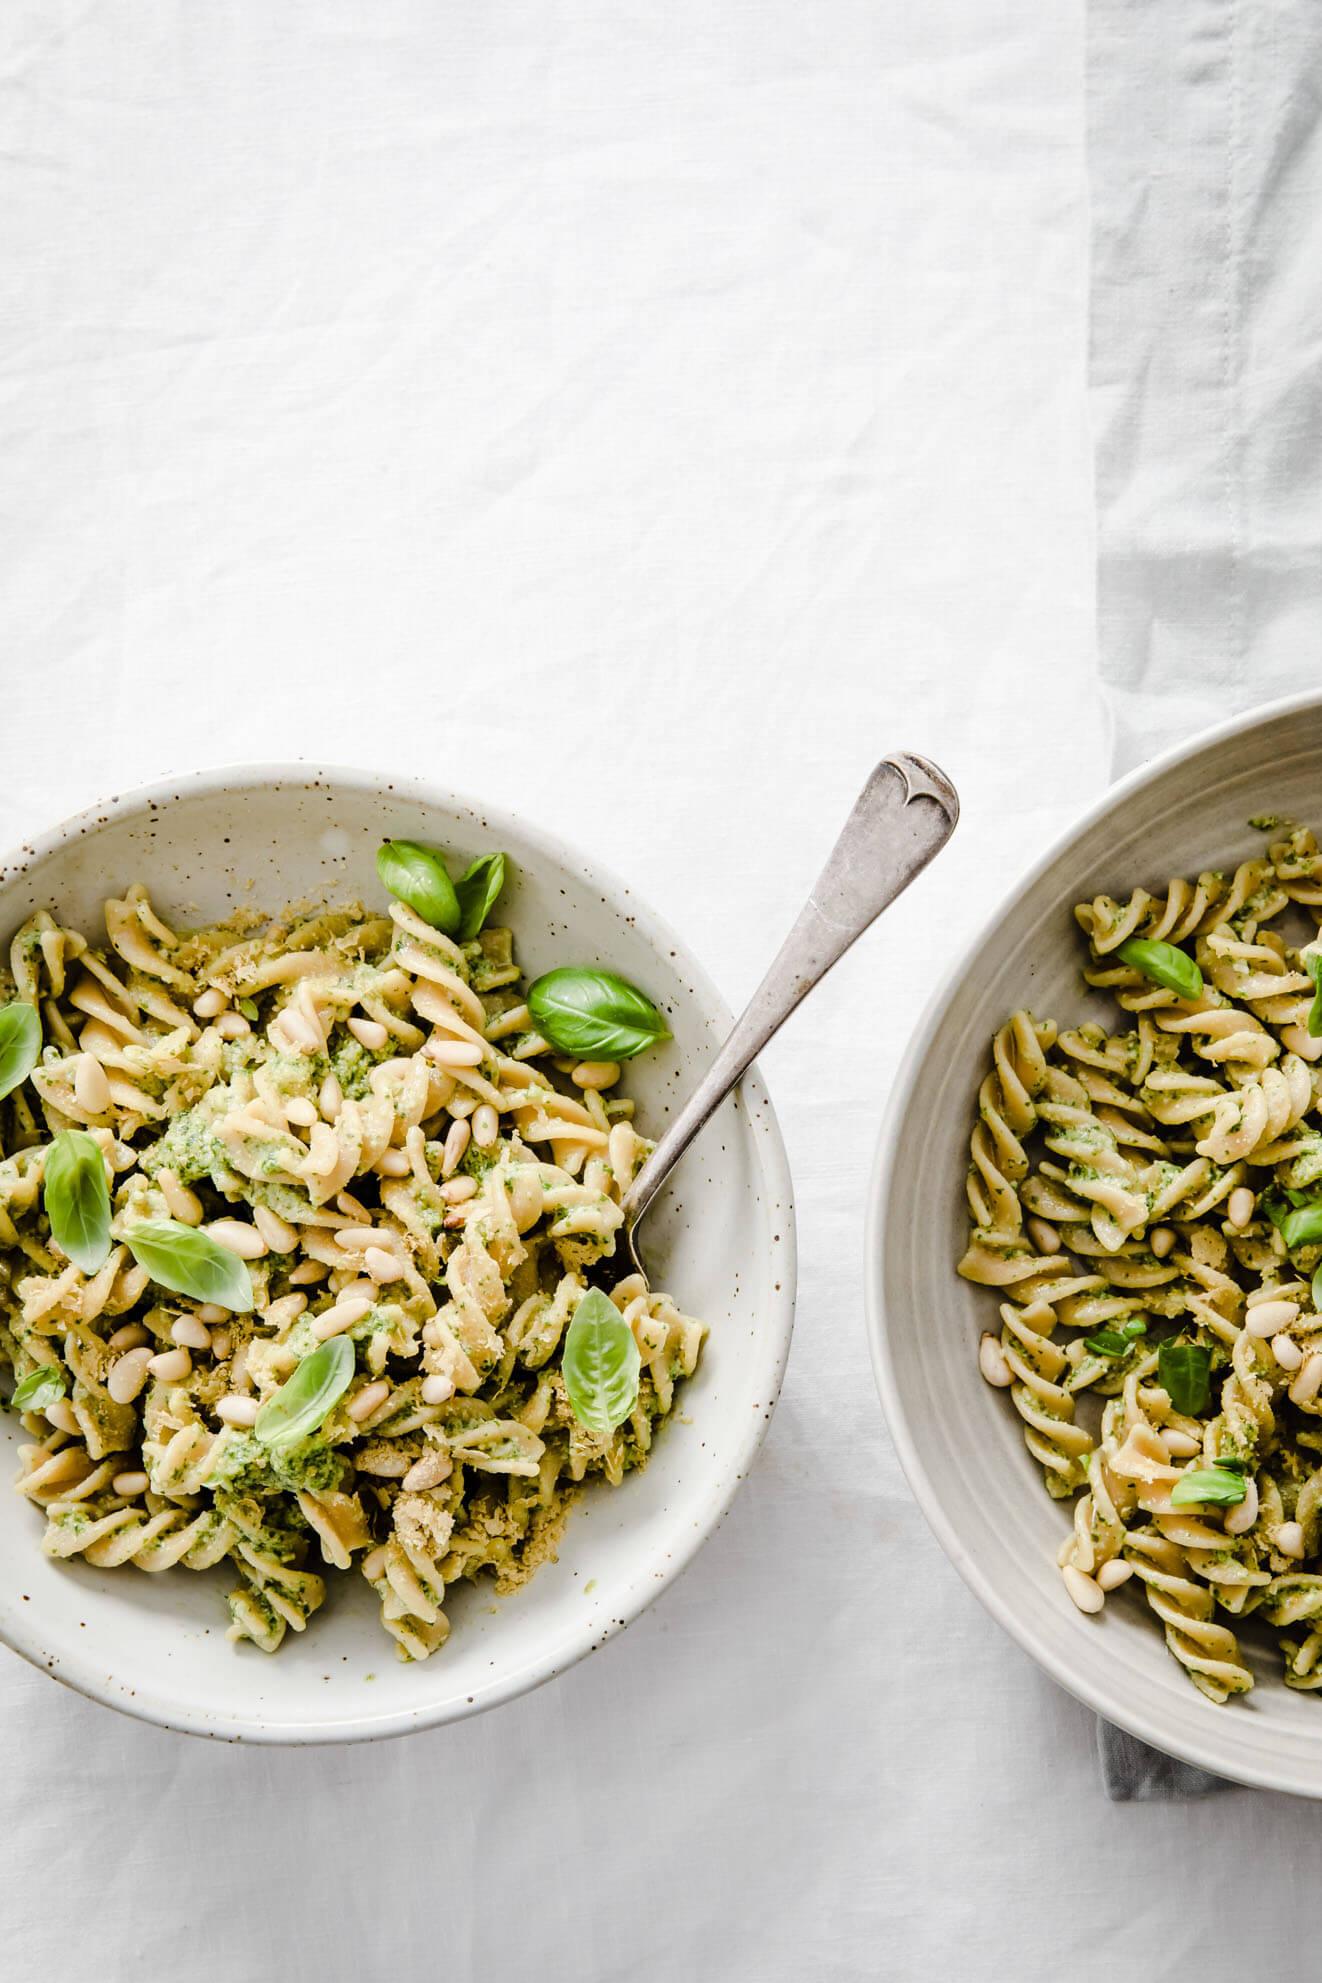 Vegan Pesto Pasta with Lentil Pasta